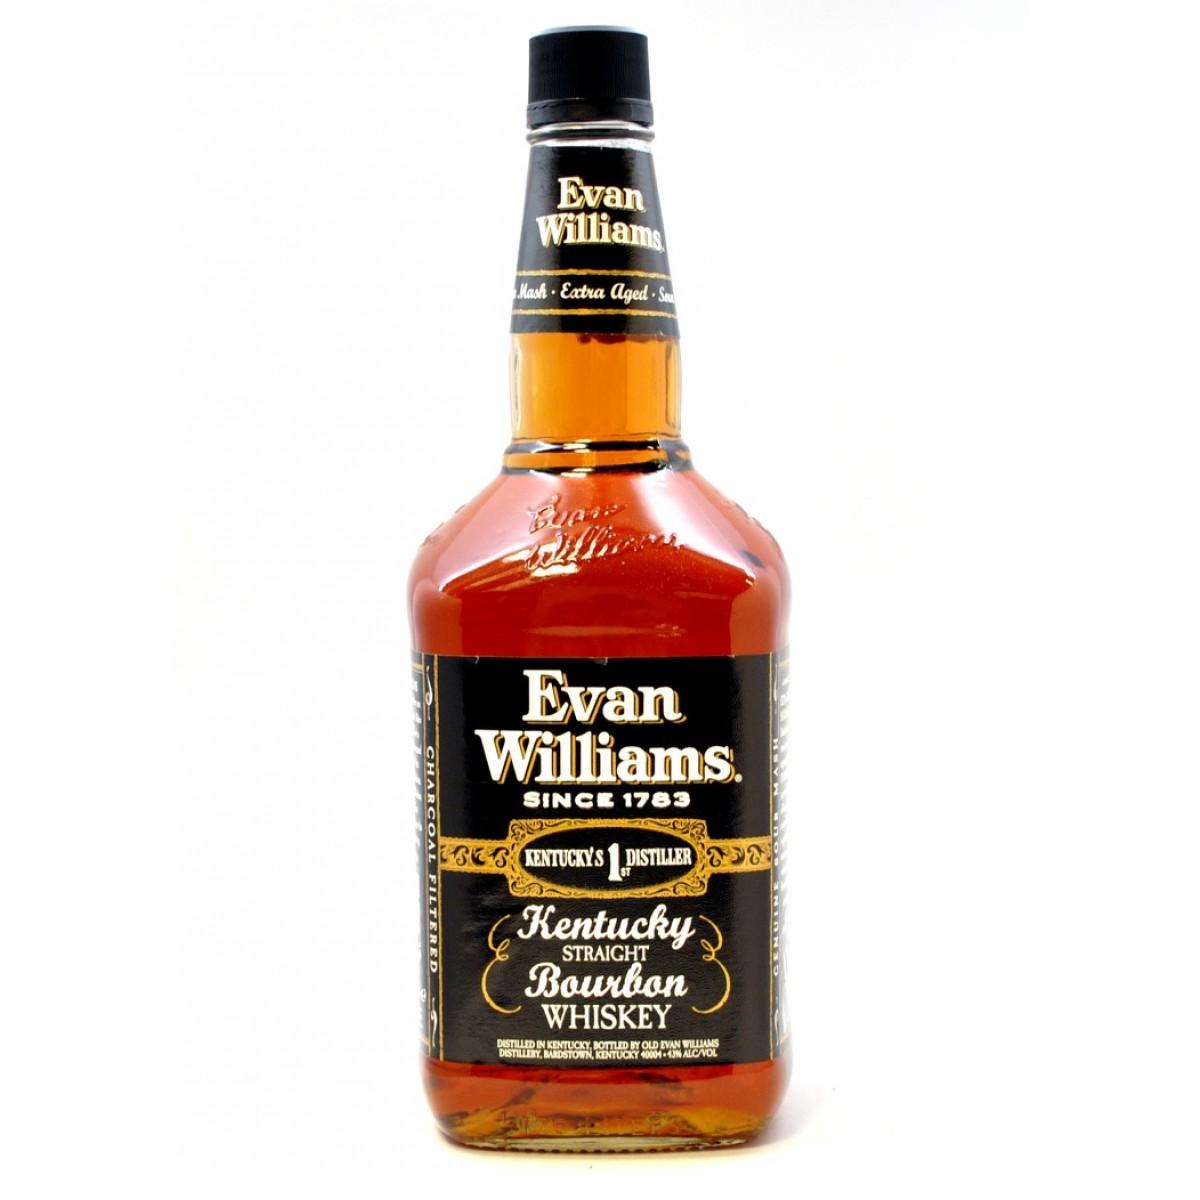 Evan Williams (Black Label) 1.75 L